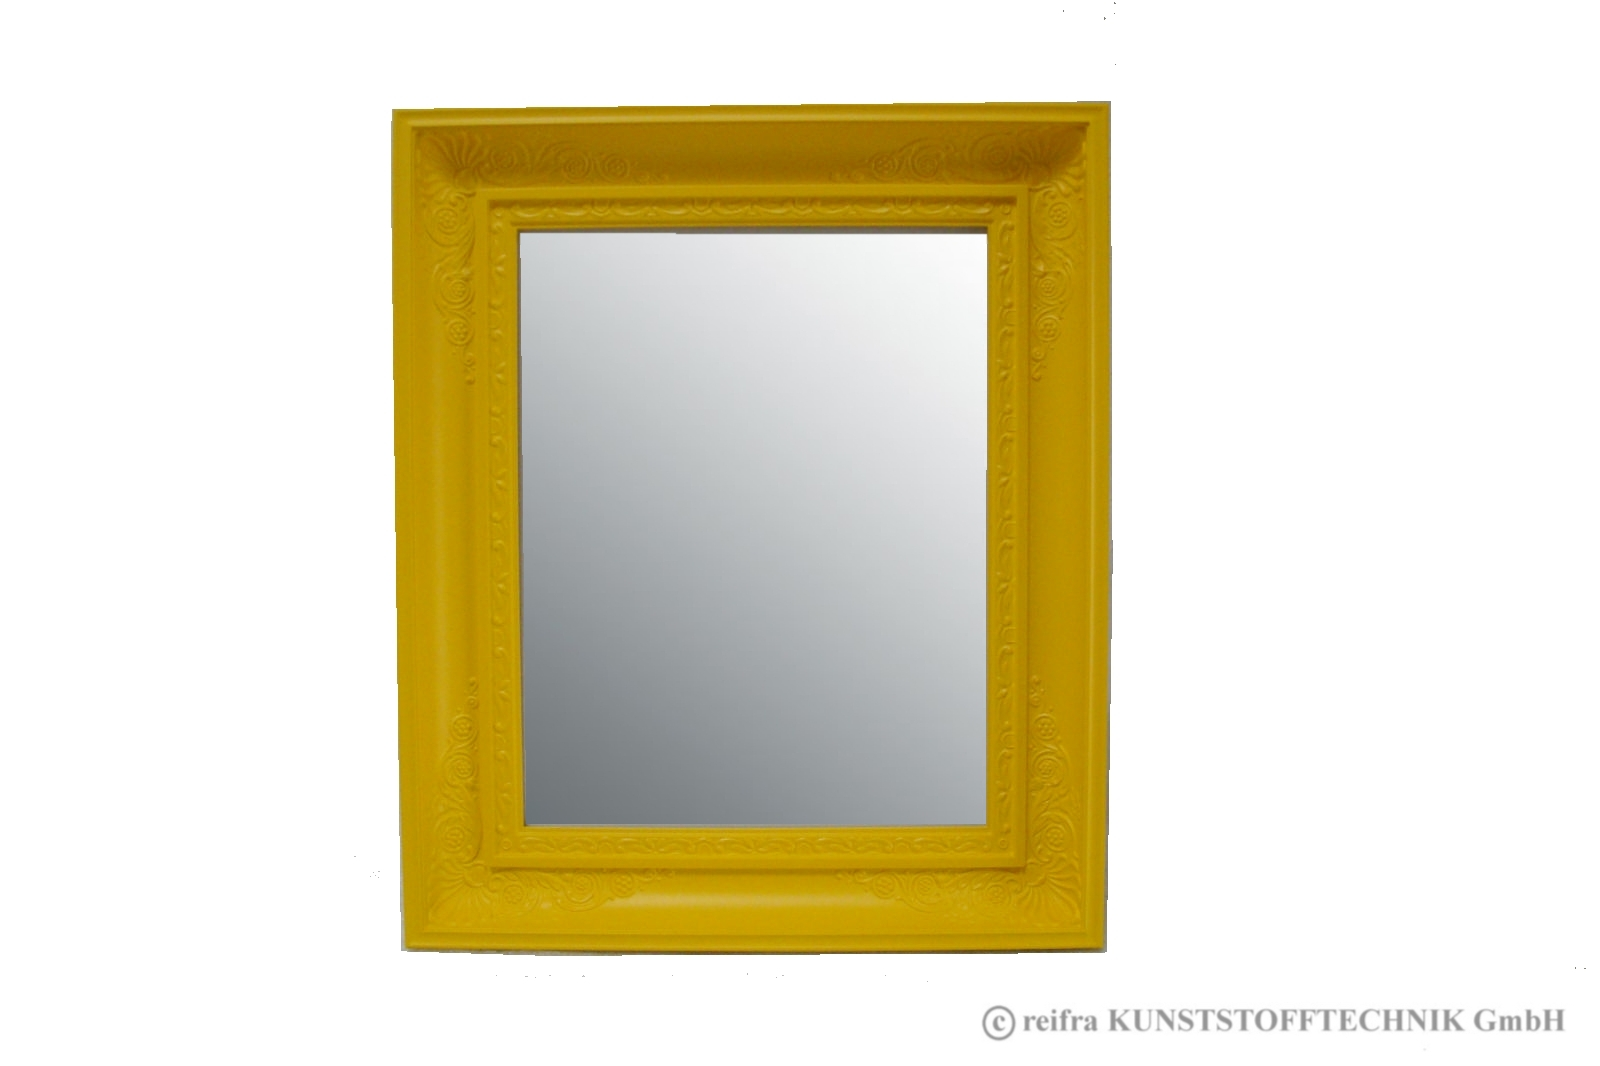 spiegel schlicht gelb sonderaktion online shop reifra kunststofftechnik gmbh. Black Bedroom Furniture Sets. Home Design Ideas